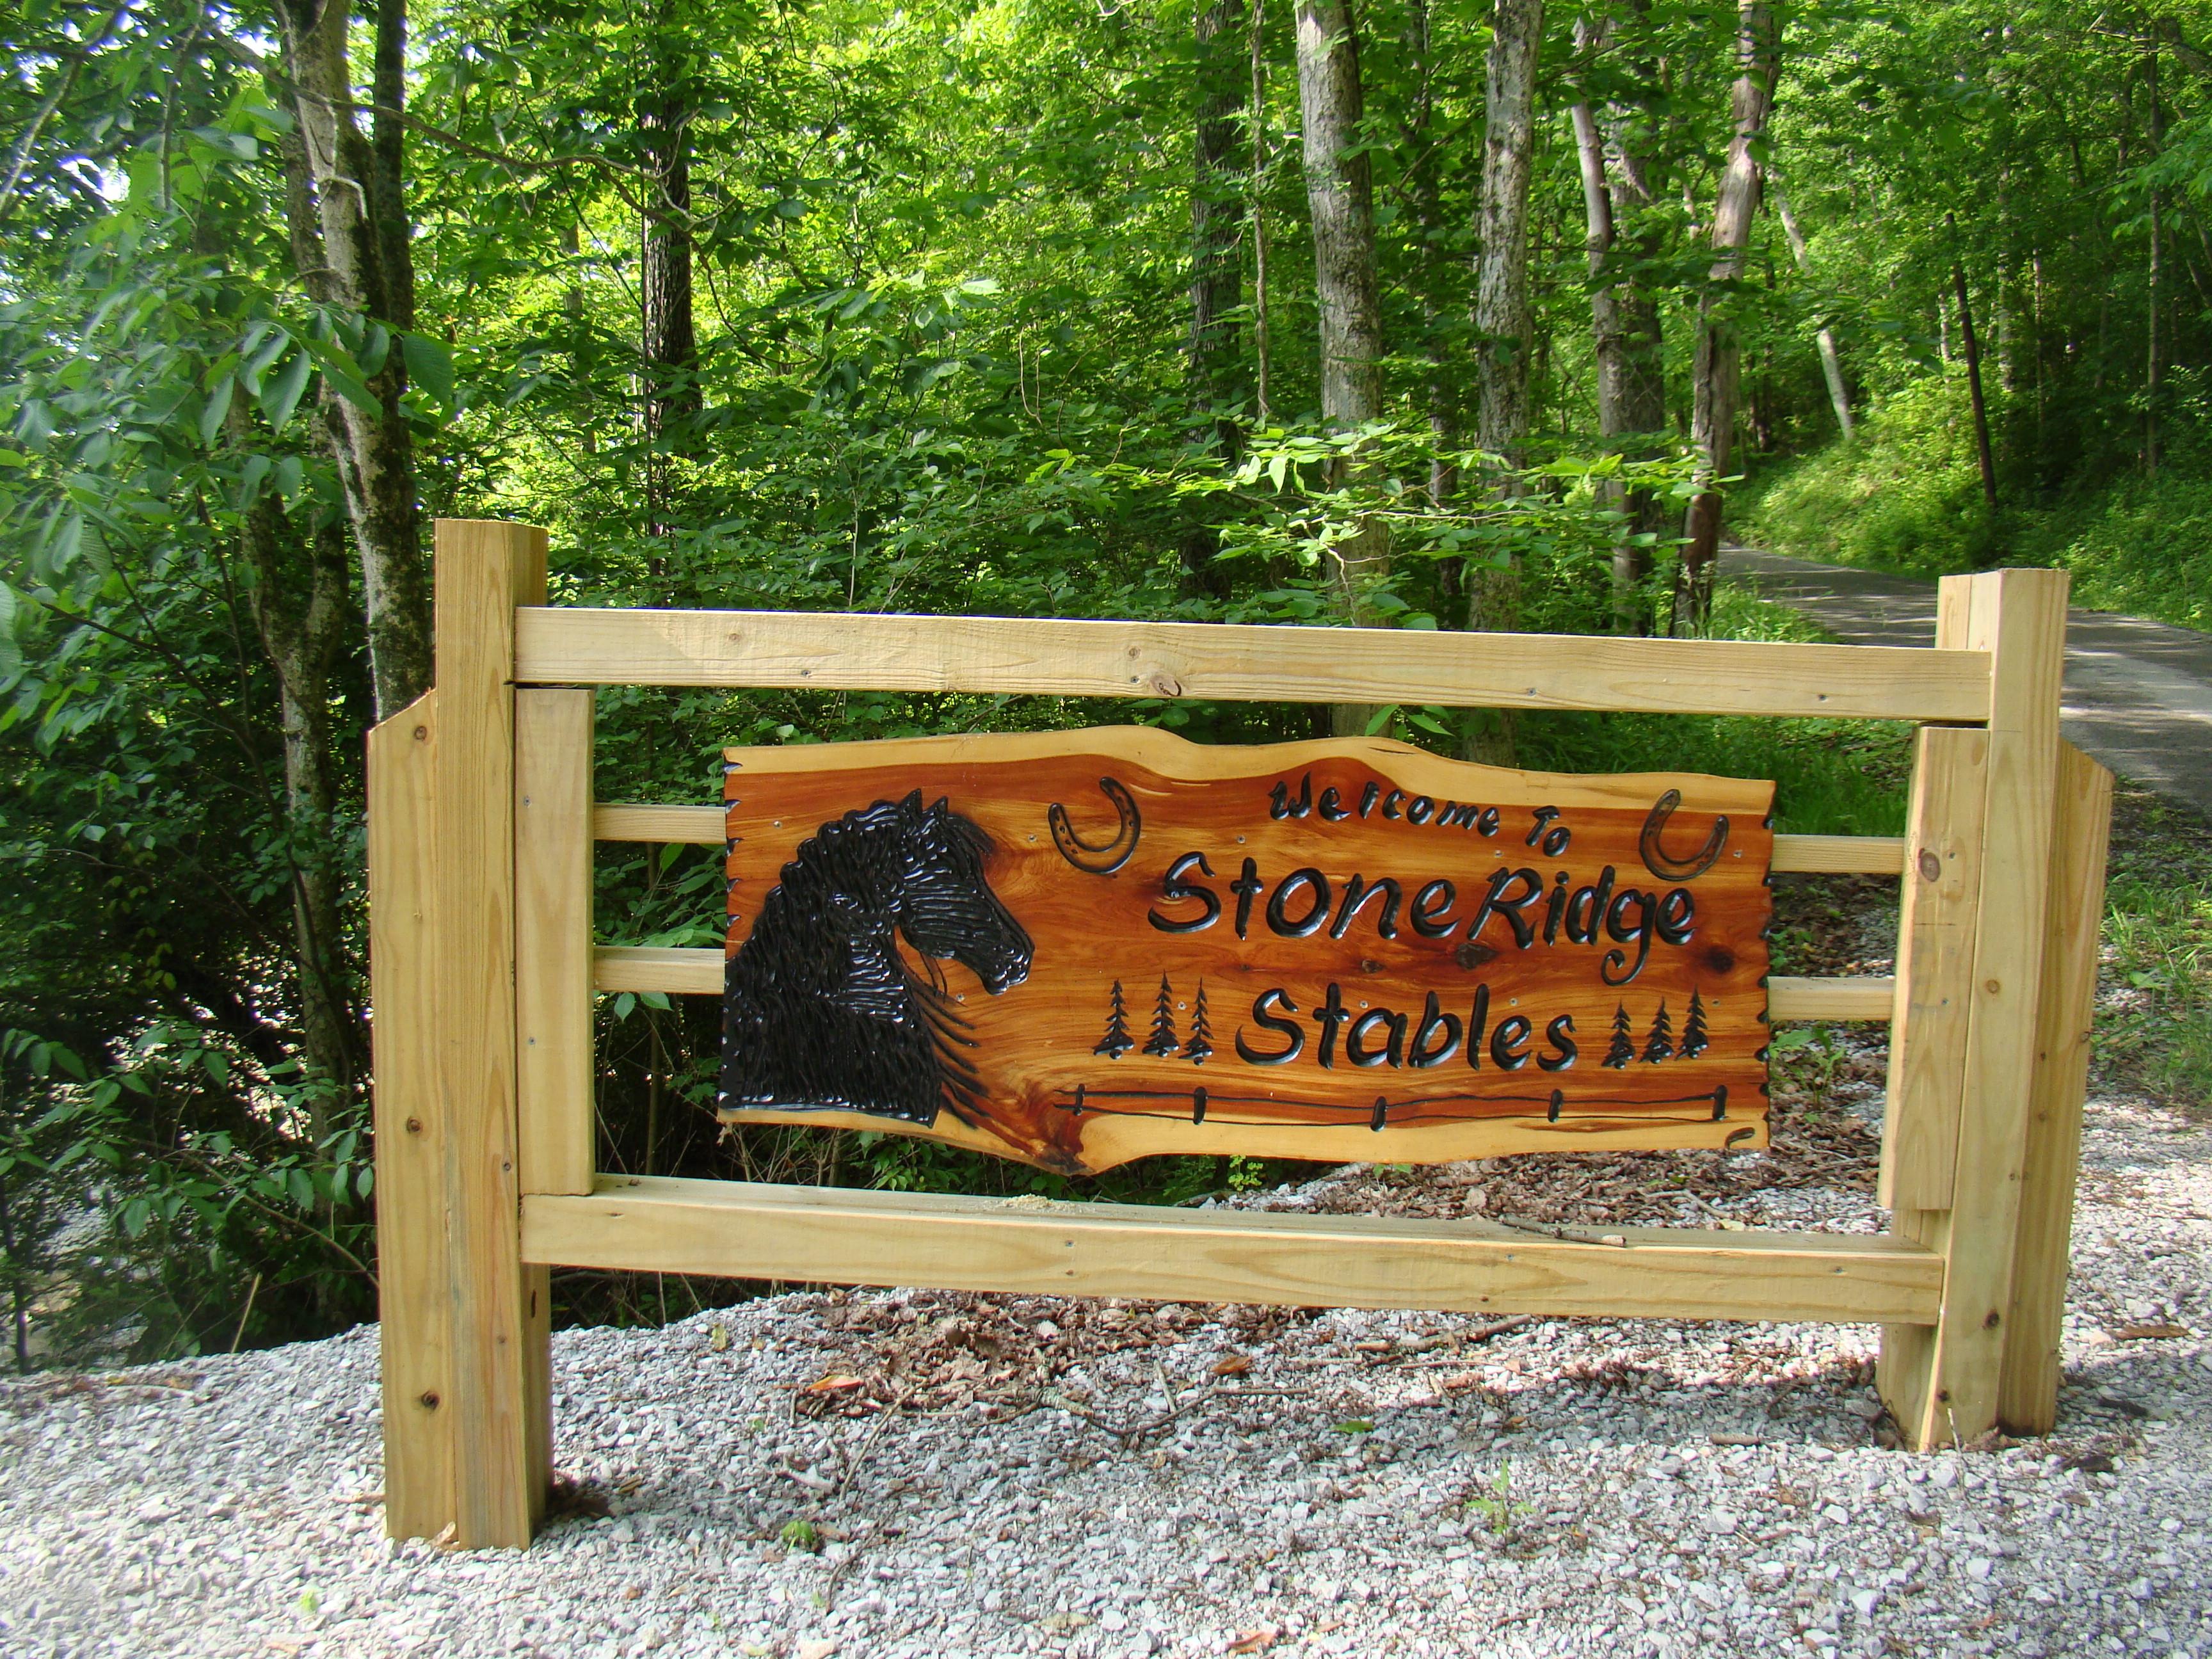 Stoneridge Stables